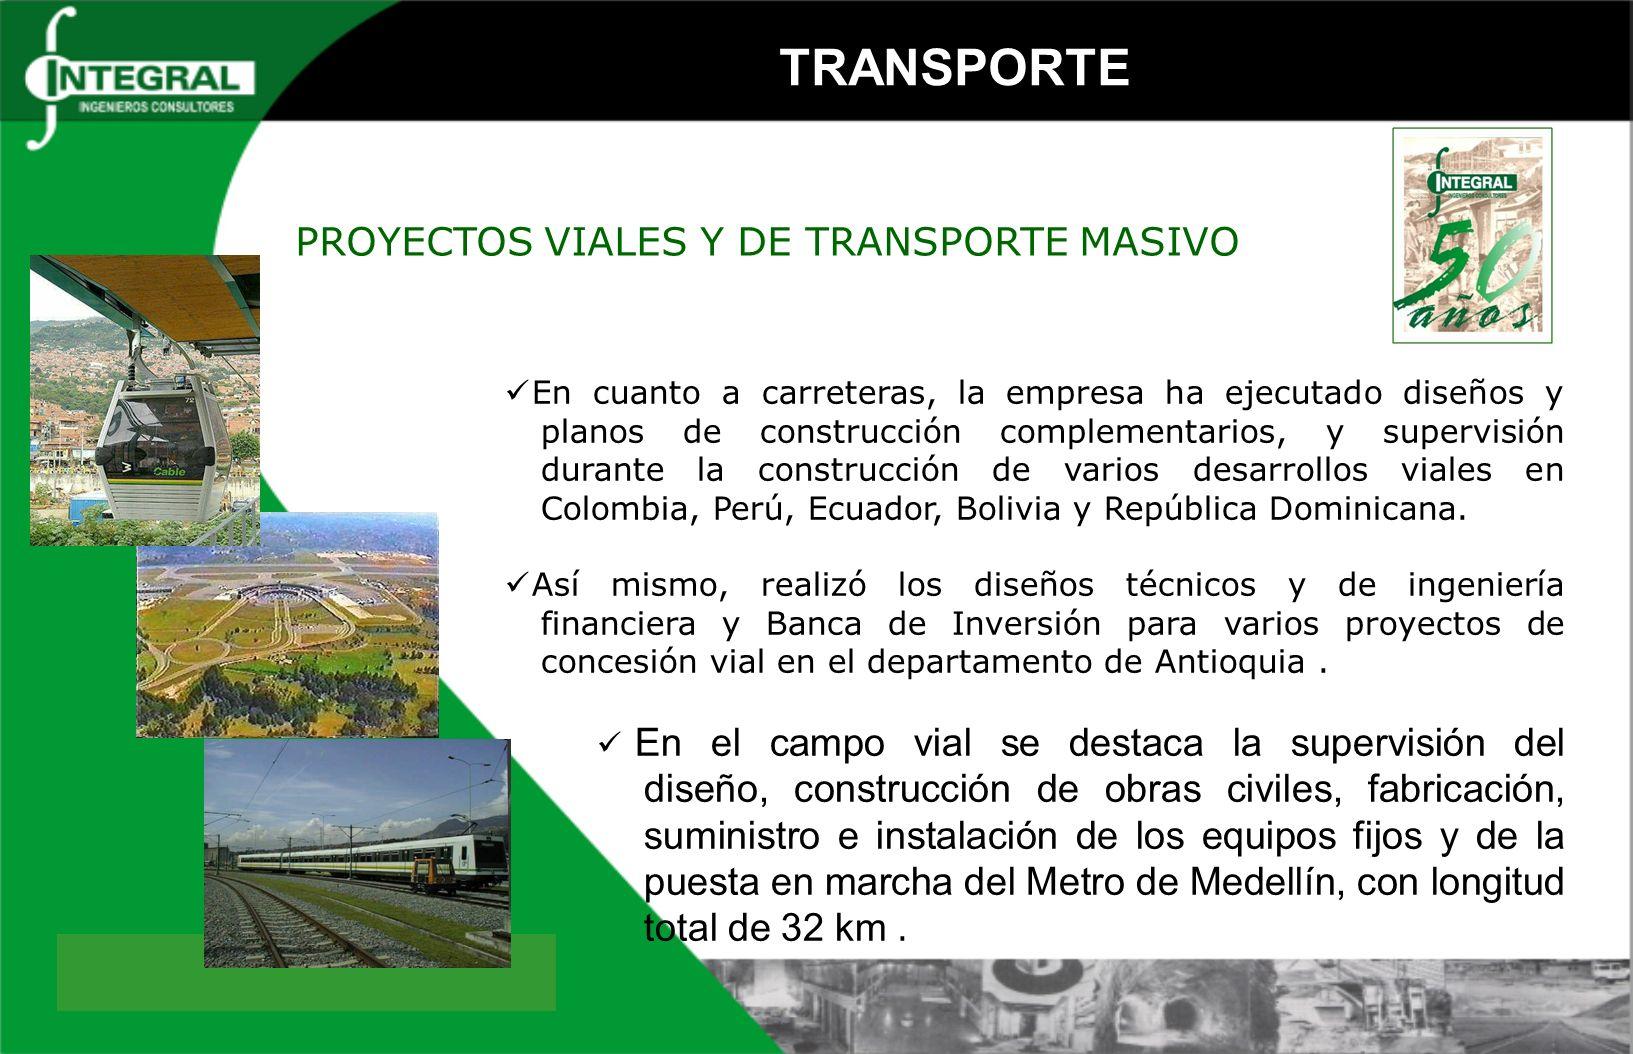 En cuanto a carreteras, la empresa ha ejecutado diseños y planos de construcción complementarios, y supervisión durante la construcción de varios desa